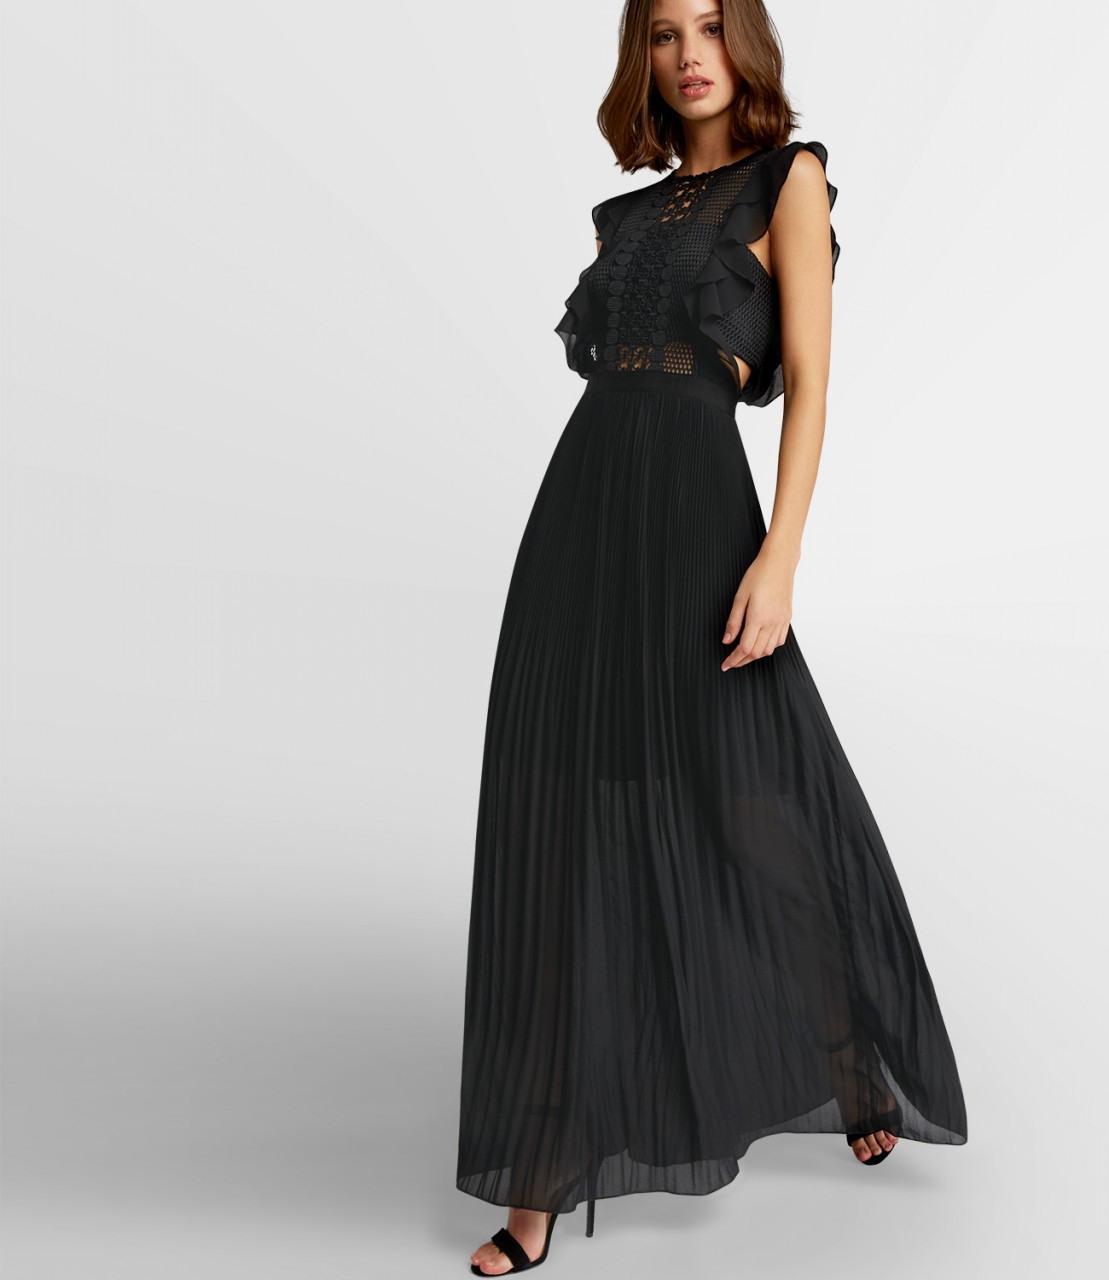 Formal Schön Apart Abend Kleid Design13 Einfach Apart Abend Kleid Stylish